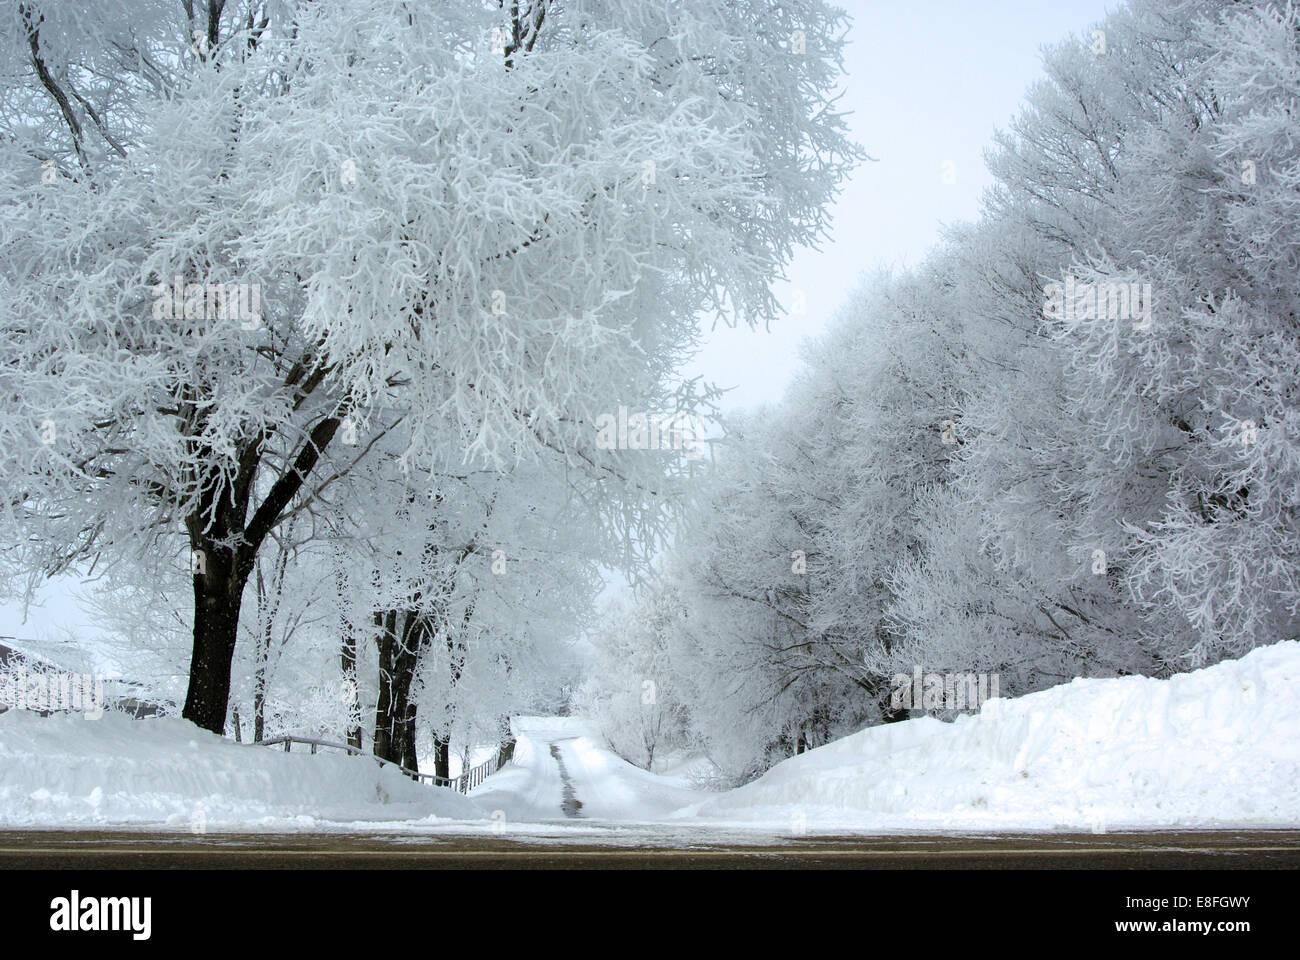 Camino vacío bordeado de árboles en la nieve, Minnesota, Estados Unidos Foto de stock